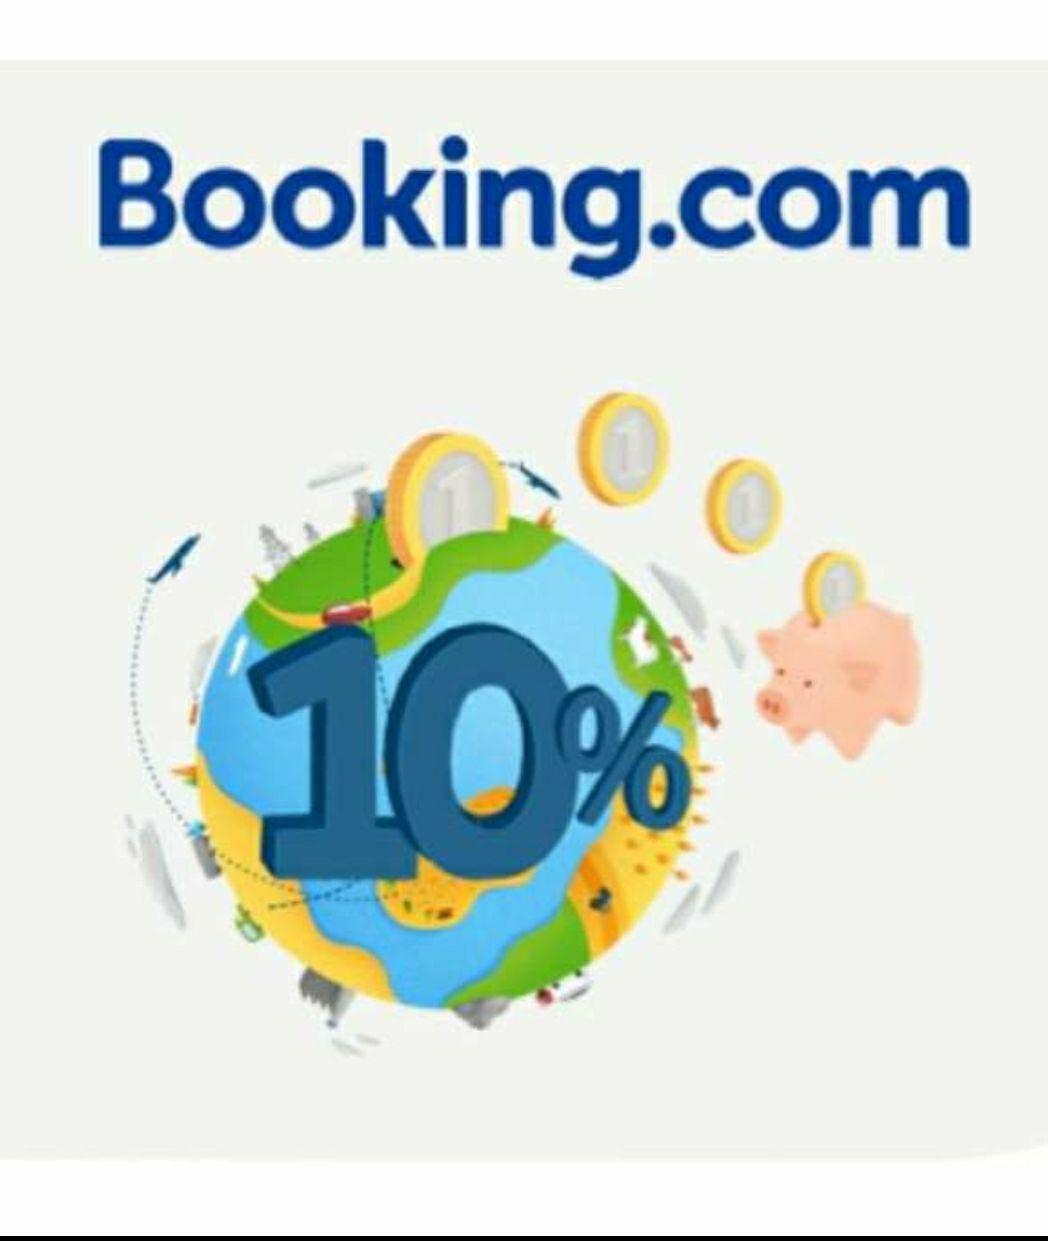 Acumula el 10% de crédito en Booking (Max. 200€) para tus próximas estancias. En la app